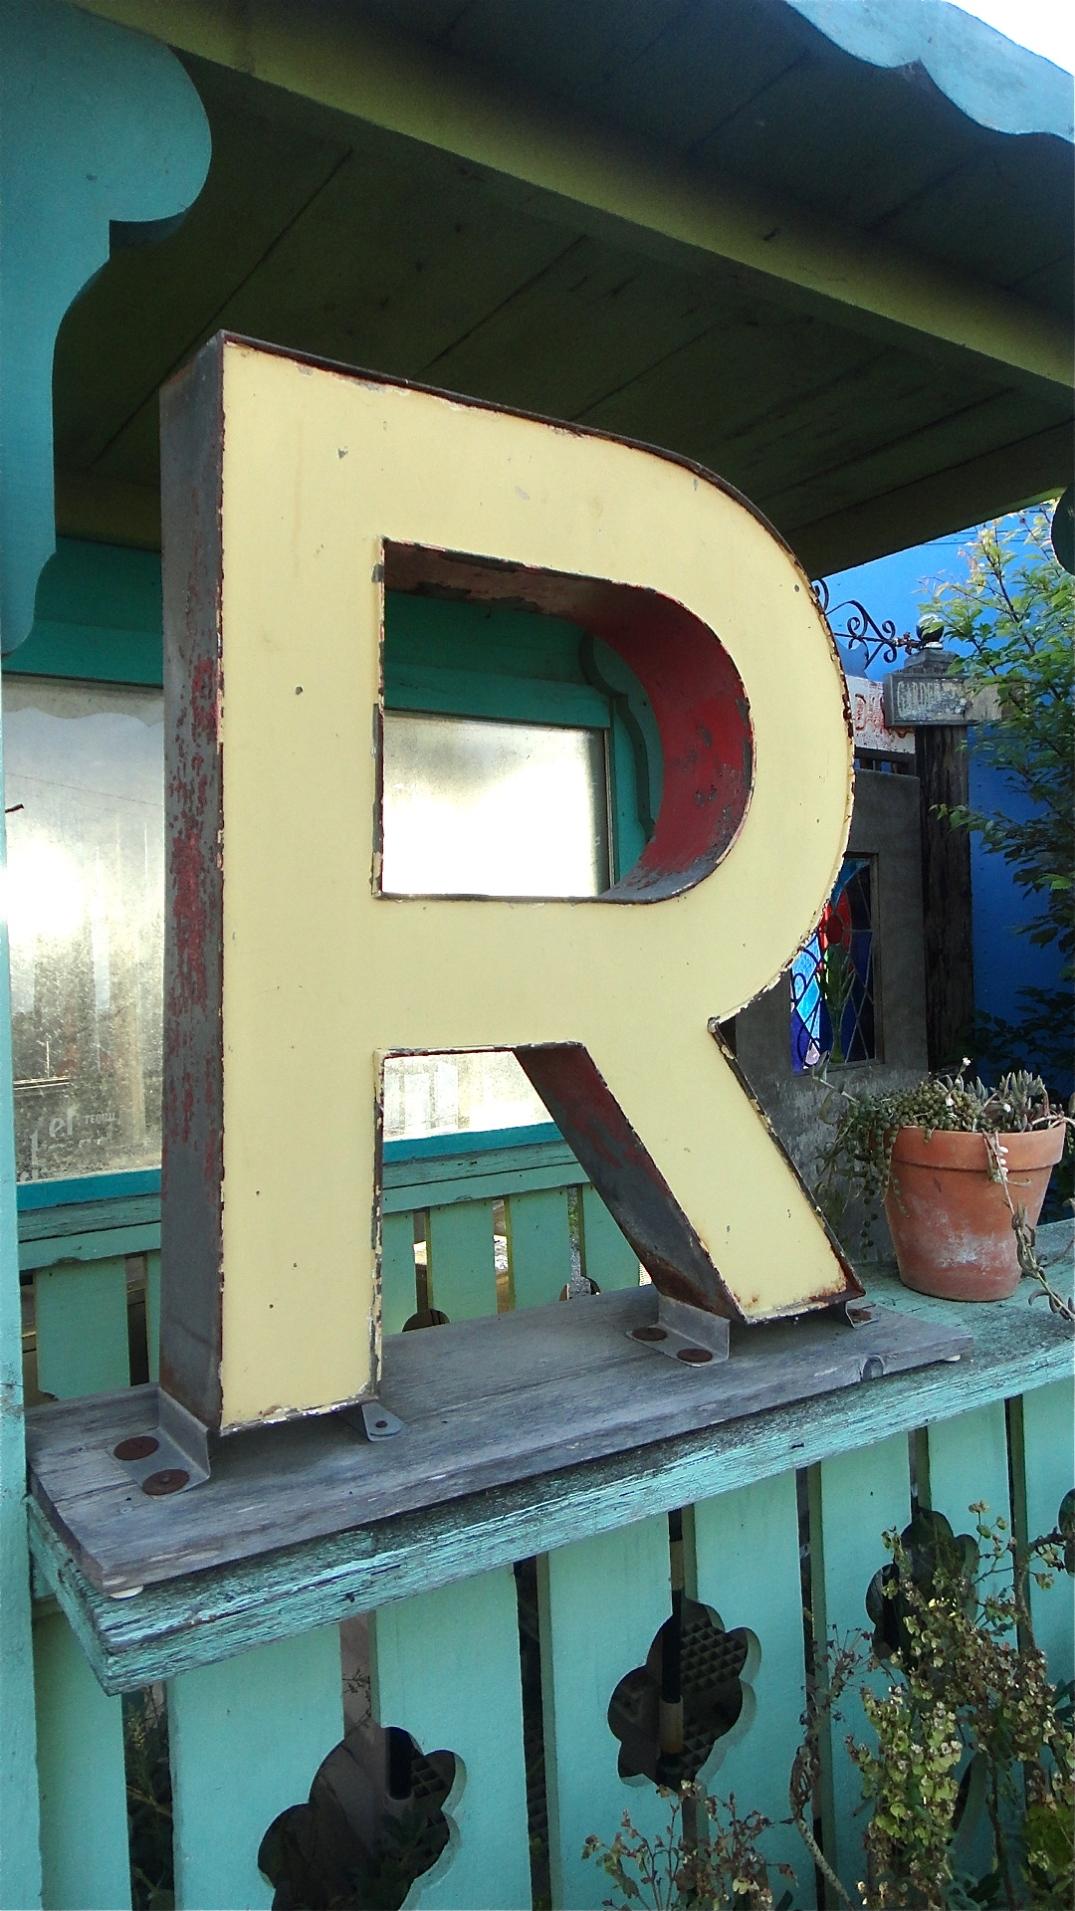 Giant R